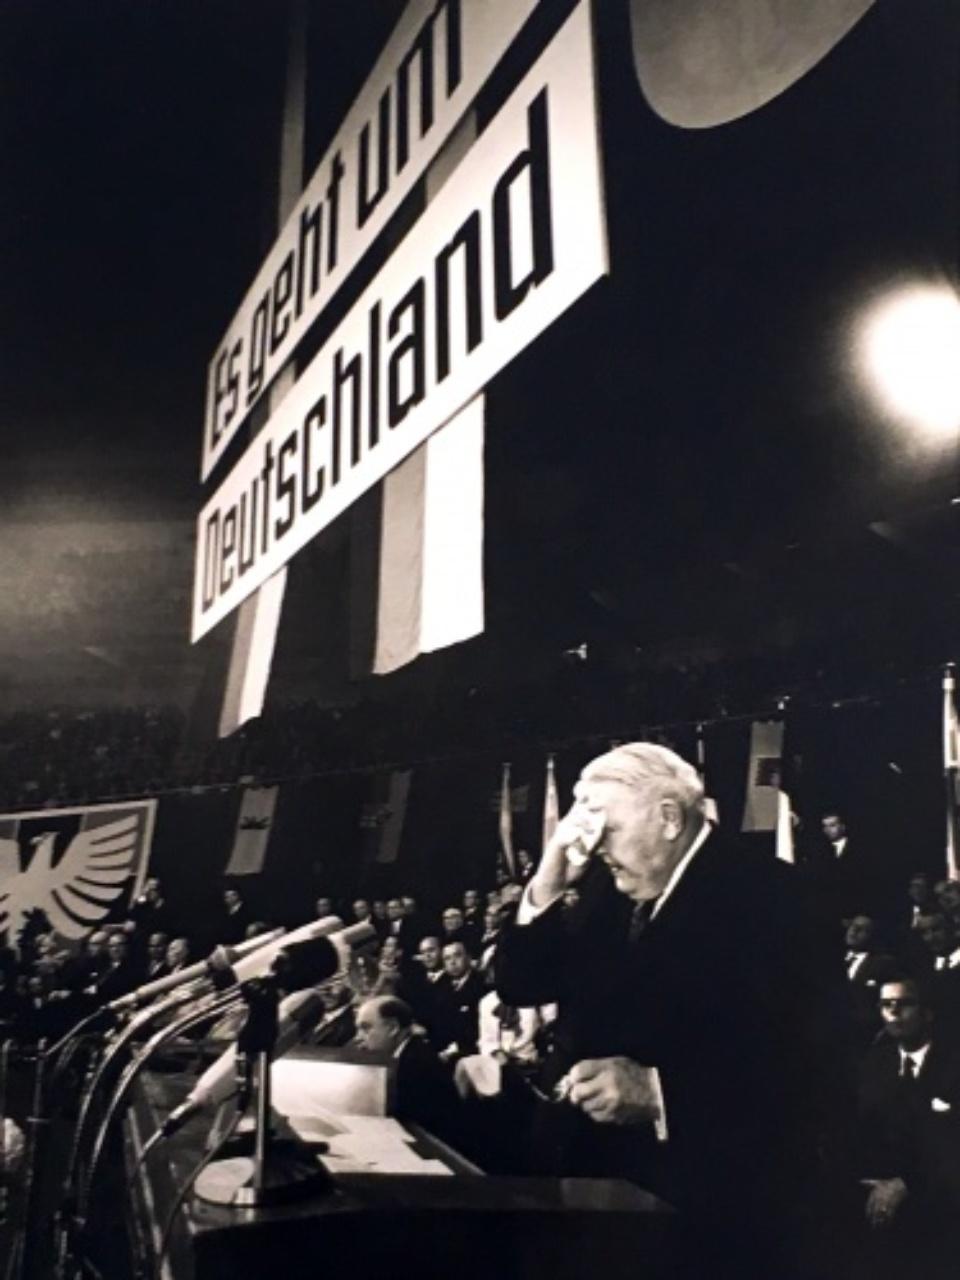 Max Scheler Ludwig Erhard im Wahlkampf Dortmund 1965 Gelatin Silver Print